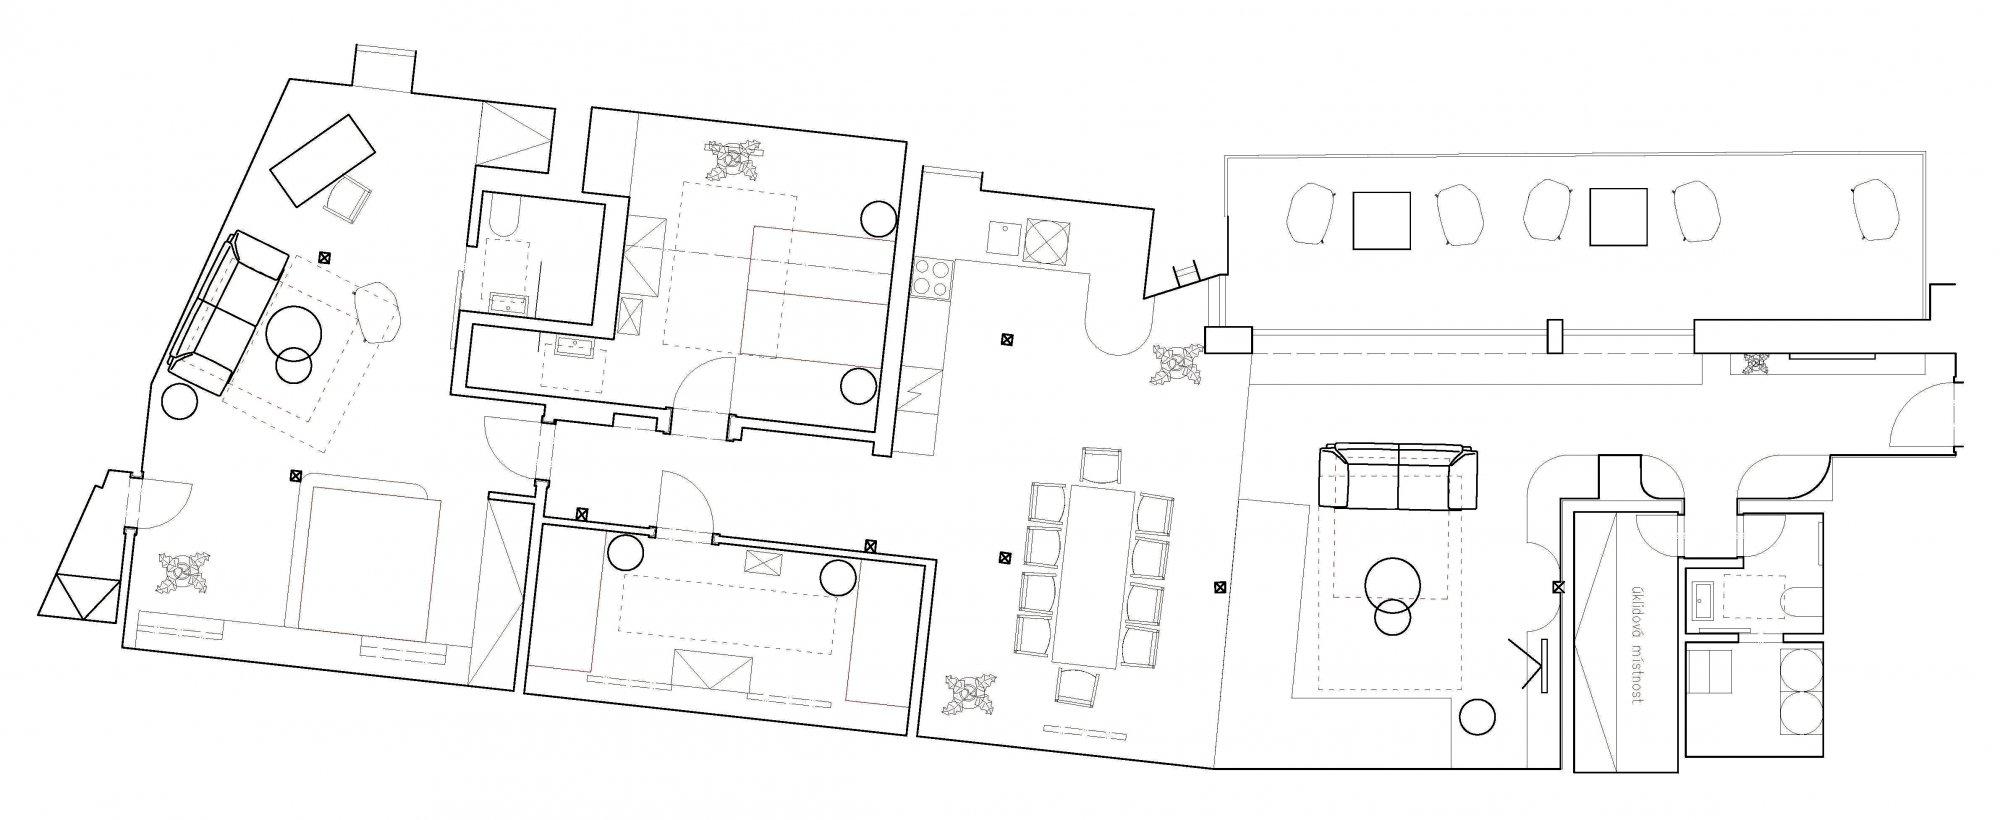 Půdorys - Půdní byt 4+kk, plocha 176 m², ulice Jilská, Praha 1 - Staré Město